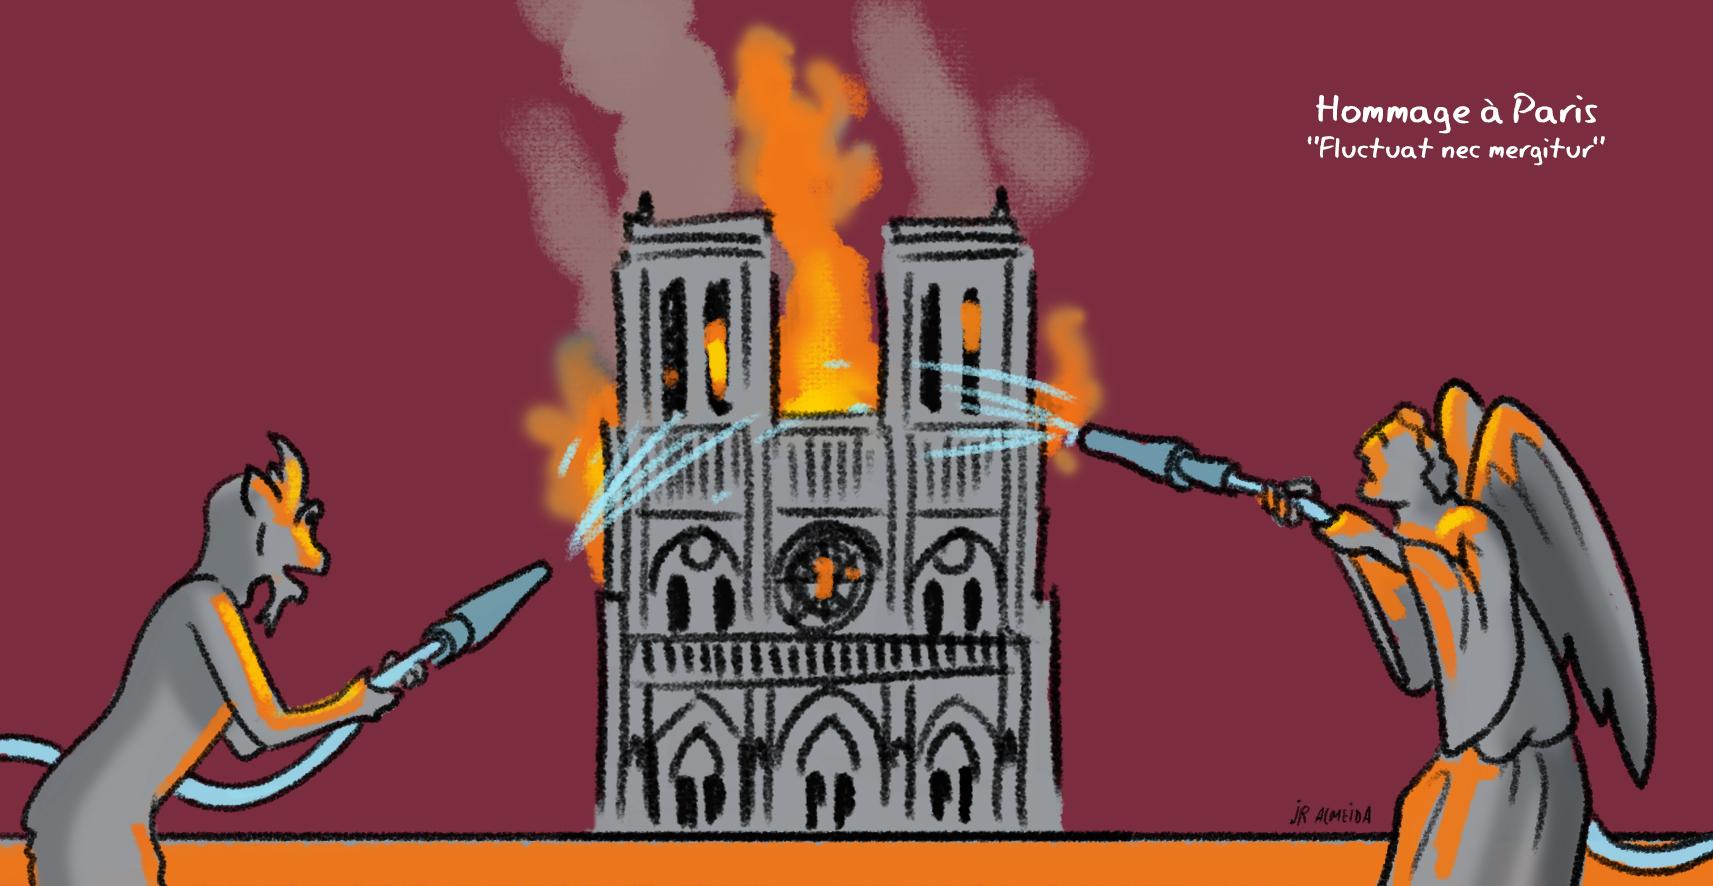 Notre-Dame, Hommage à Paris